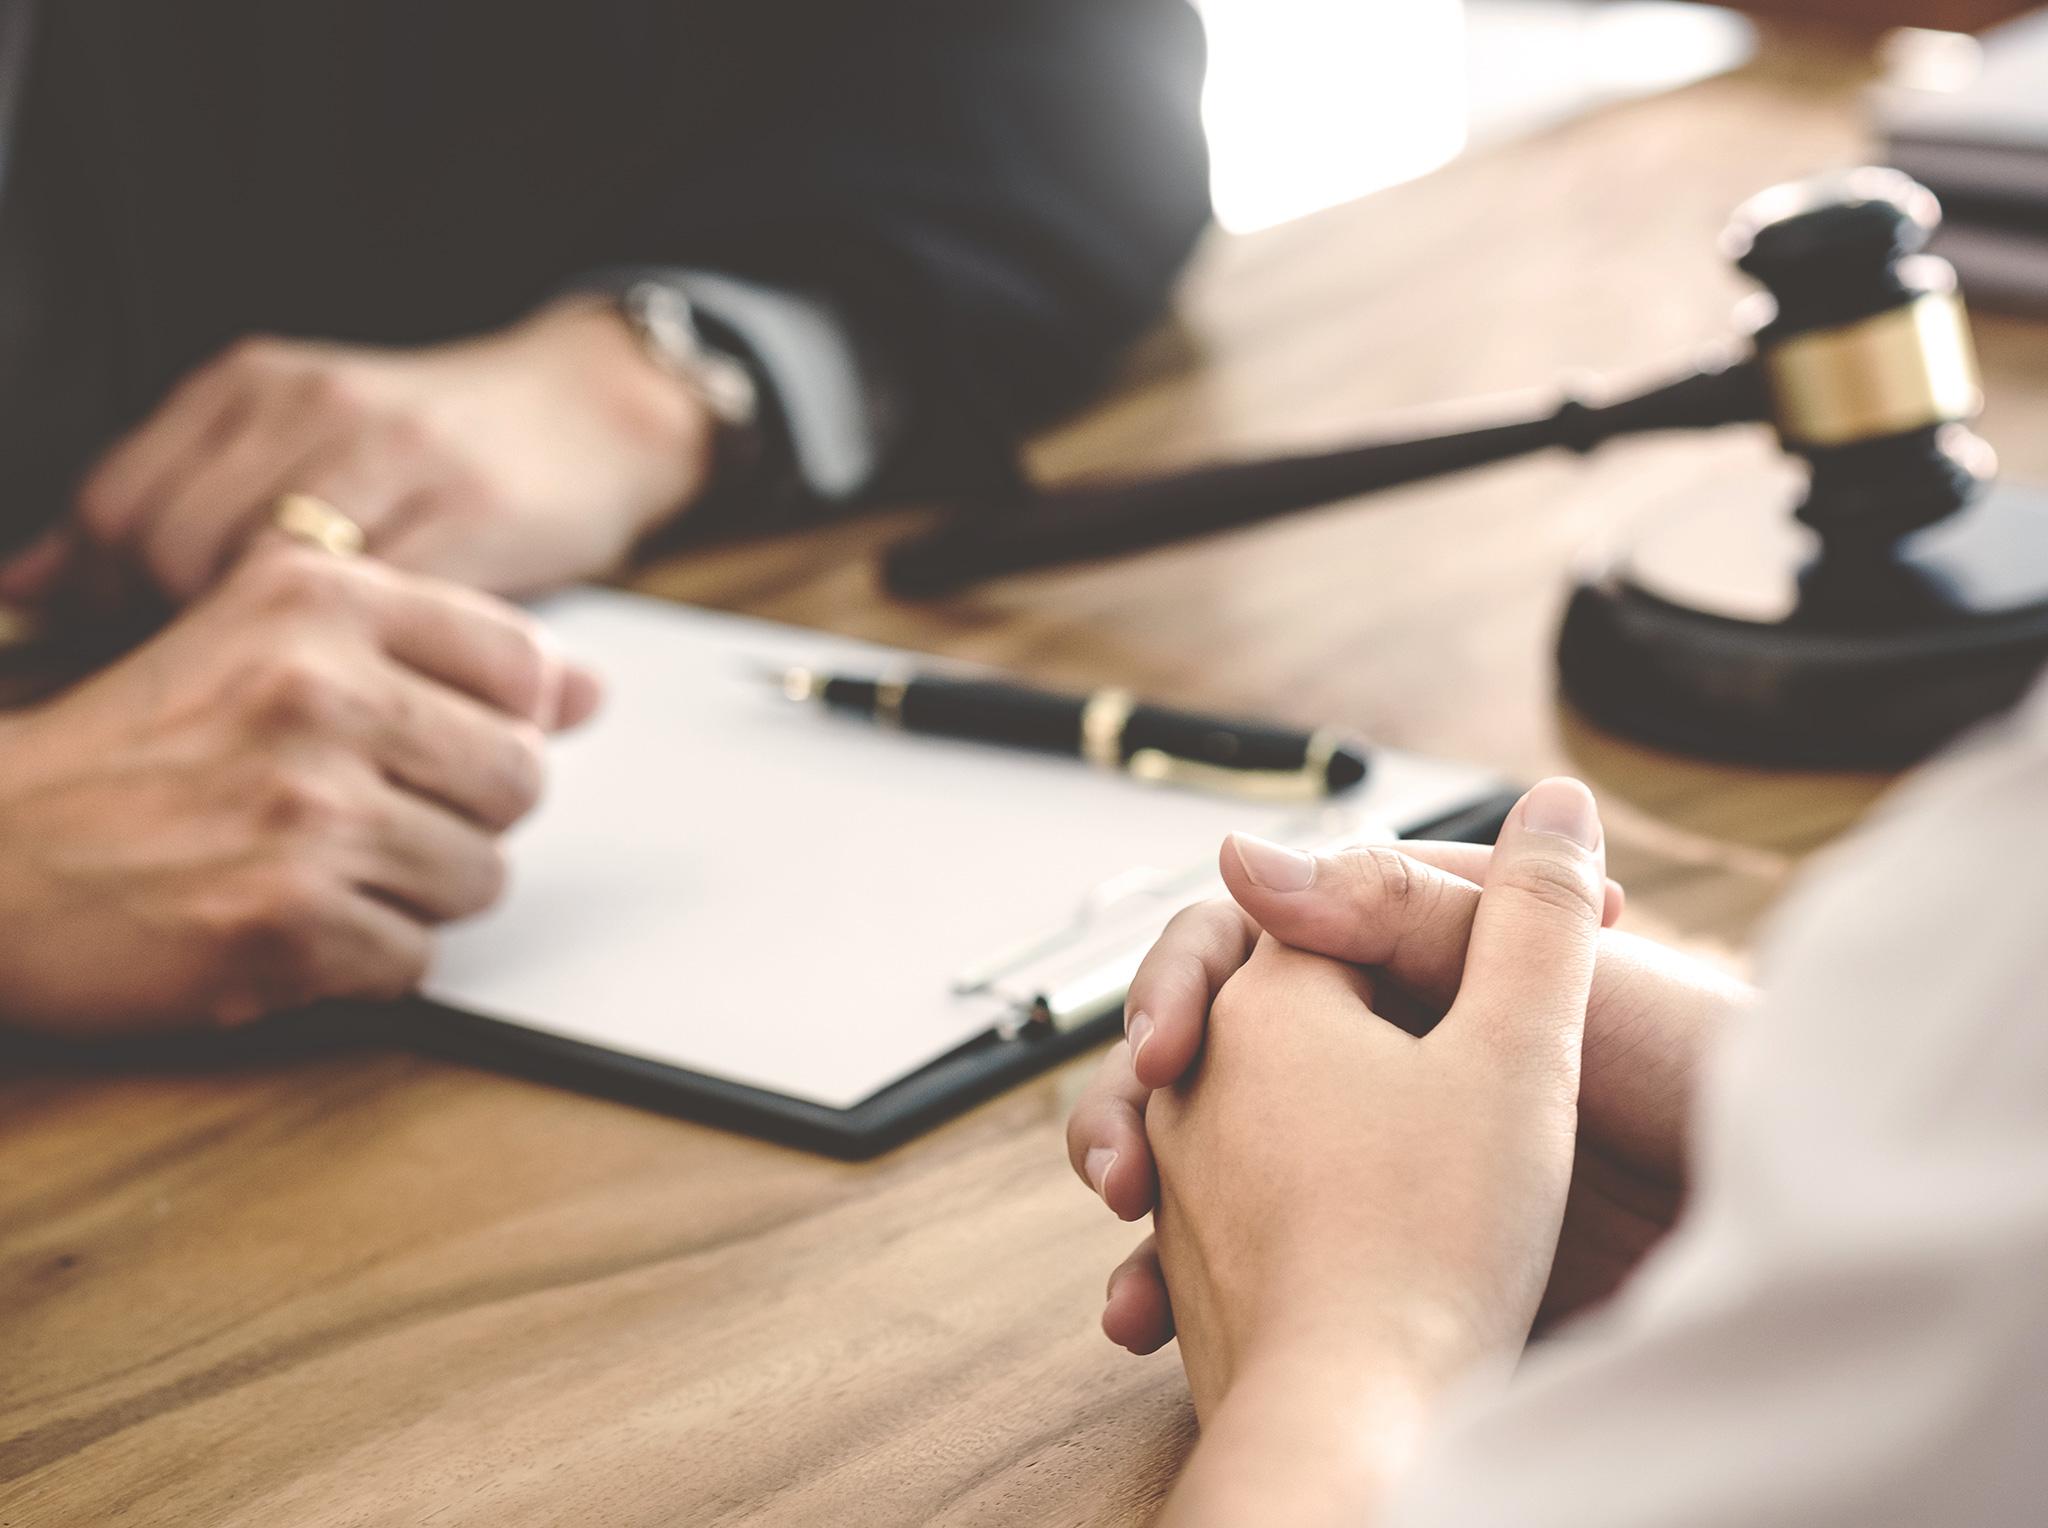 Obtenez des conseils juridiques gratuits ou à faible coût protégez